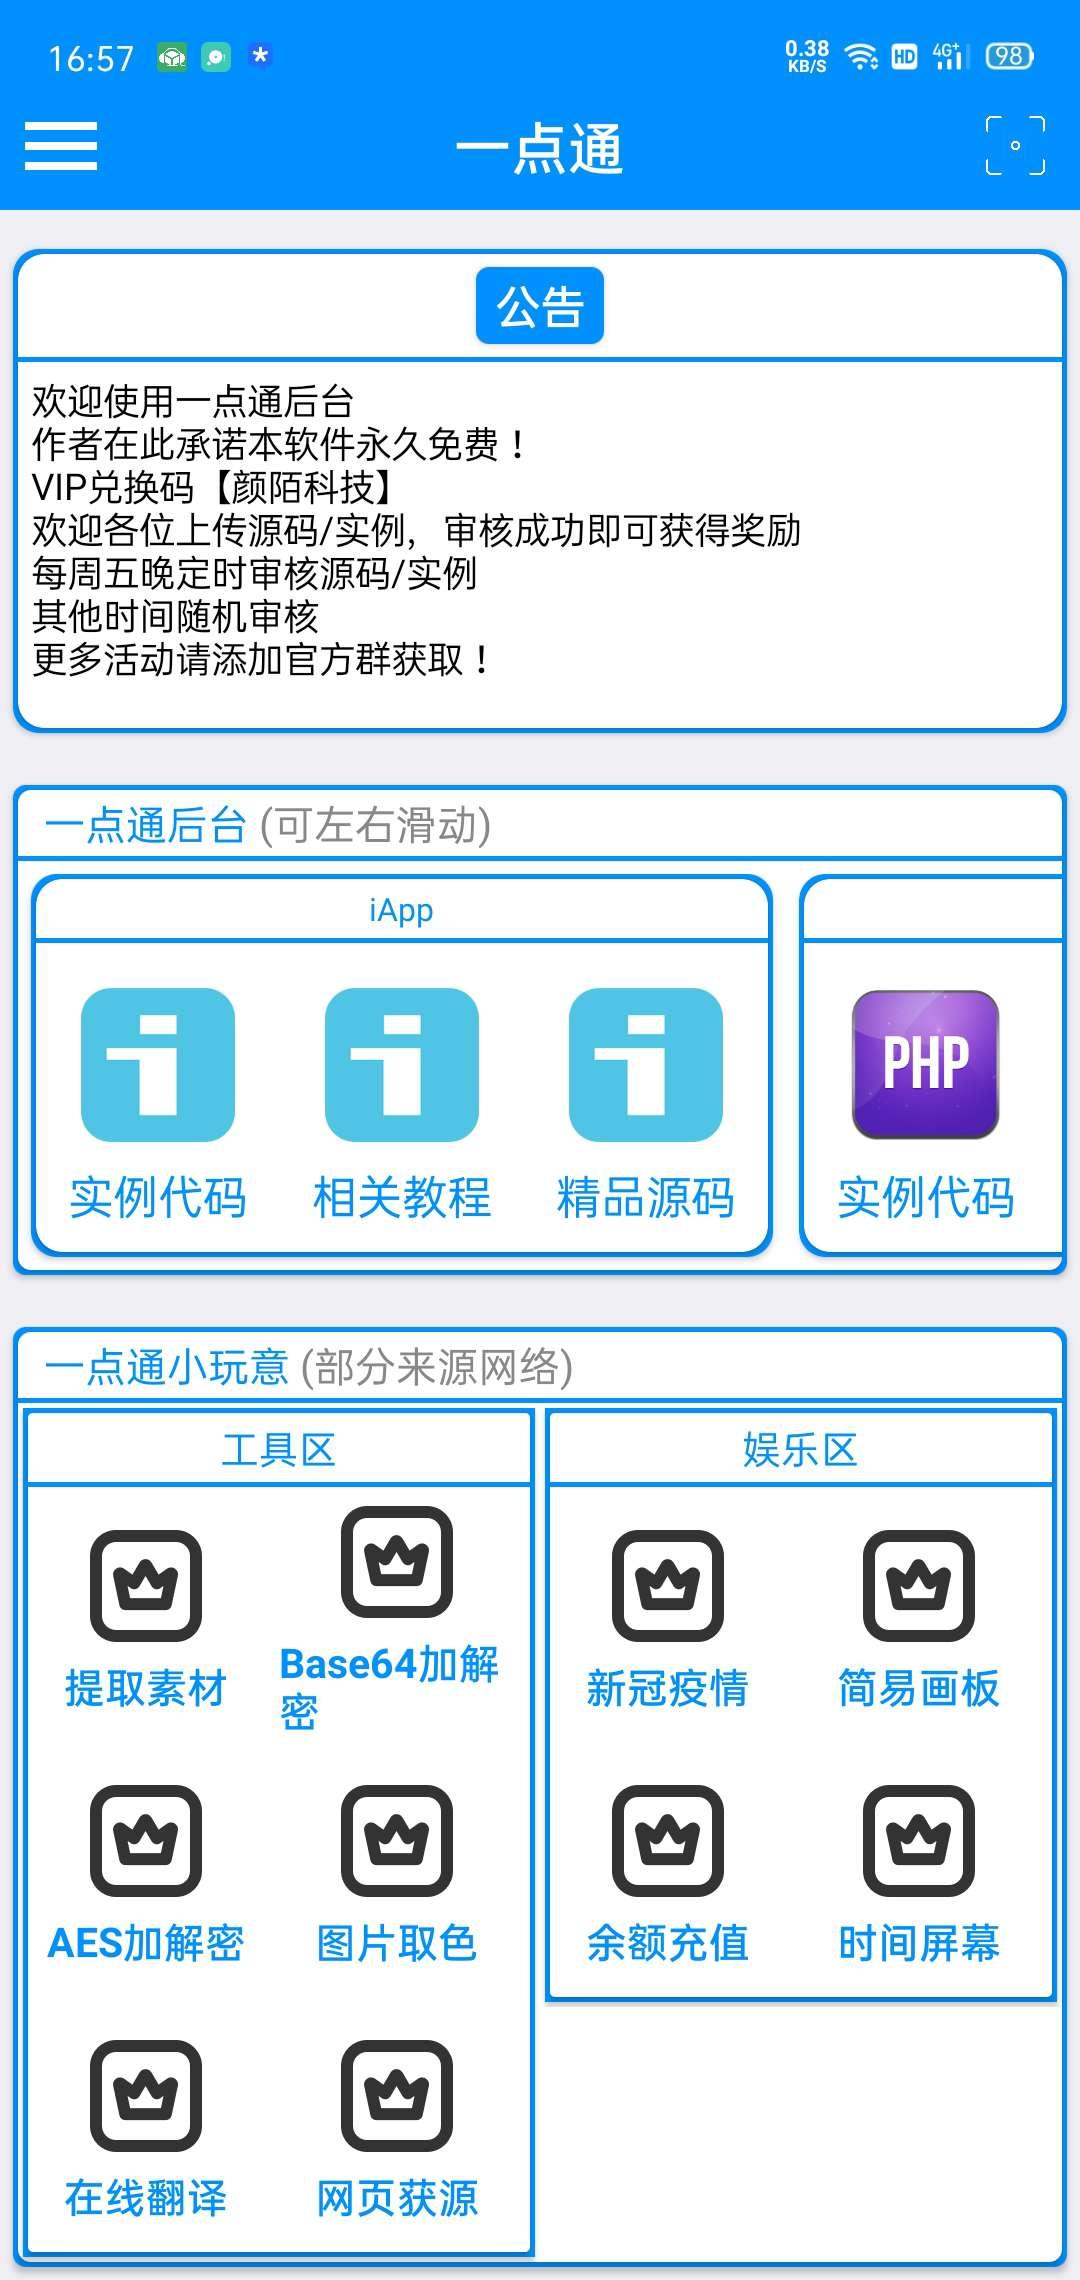 【精品软件】一点通后台8.0【免费稳定】